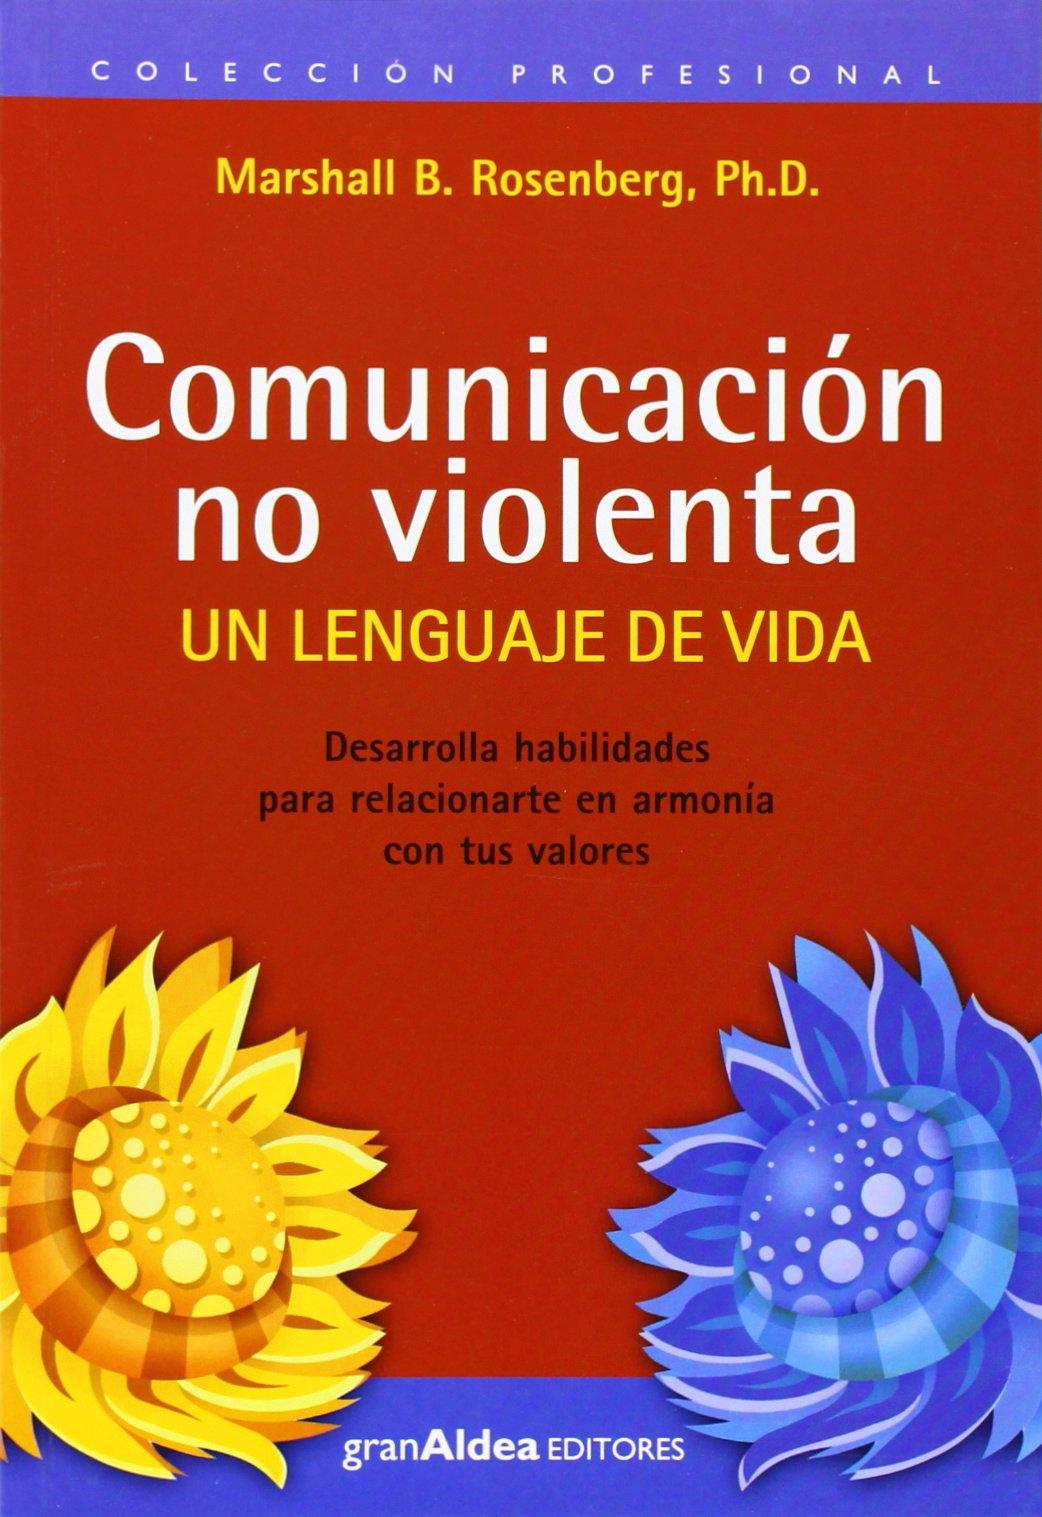 Comunicación no violenta. Un lenguaje de vida Tapa blanda – 1 ene 2006 Marshall B. Rosenberg Gran Aldea Editores 987218349X General